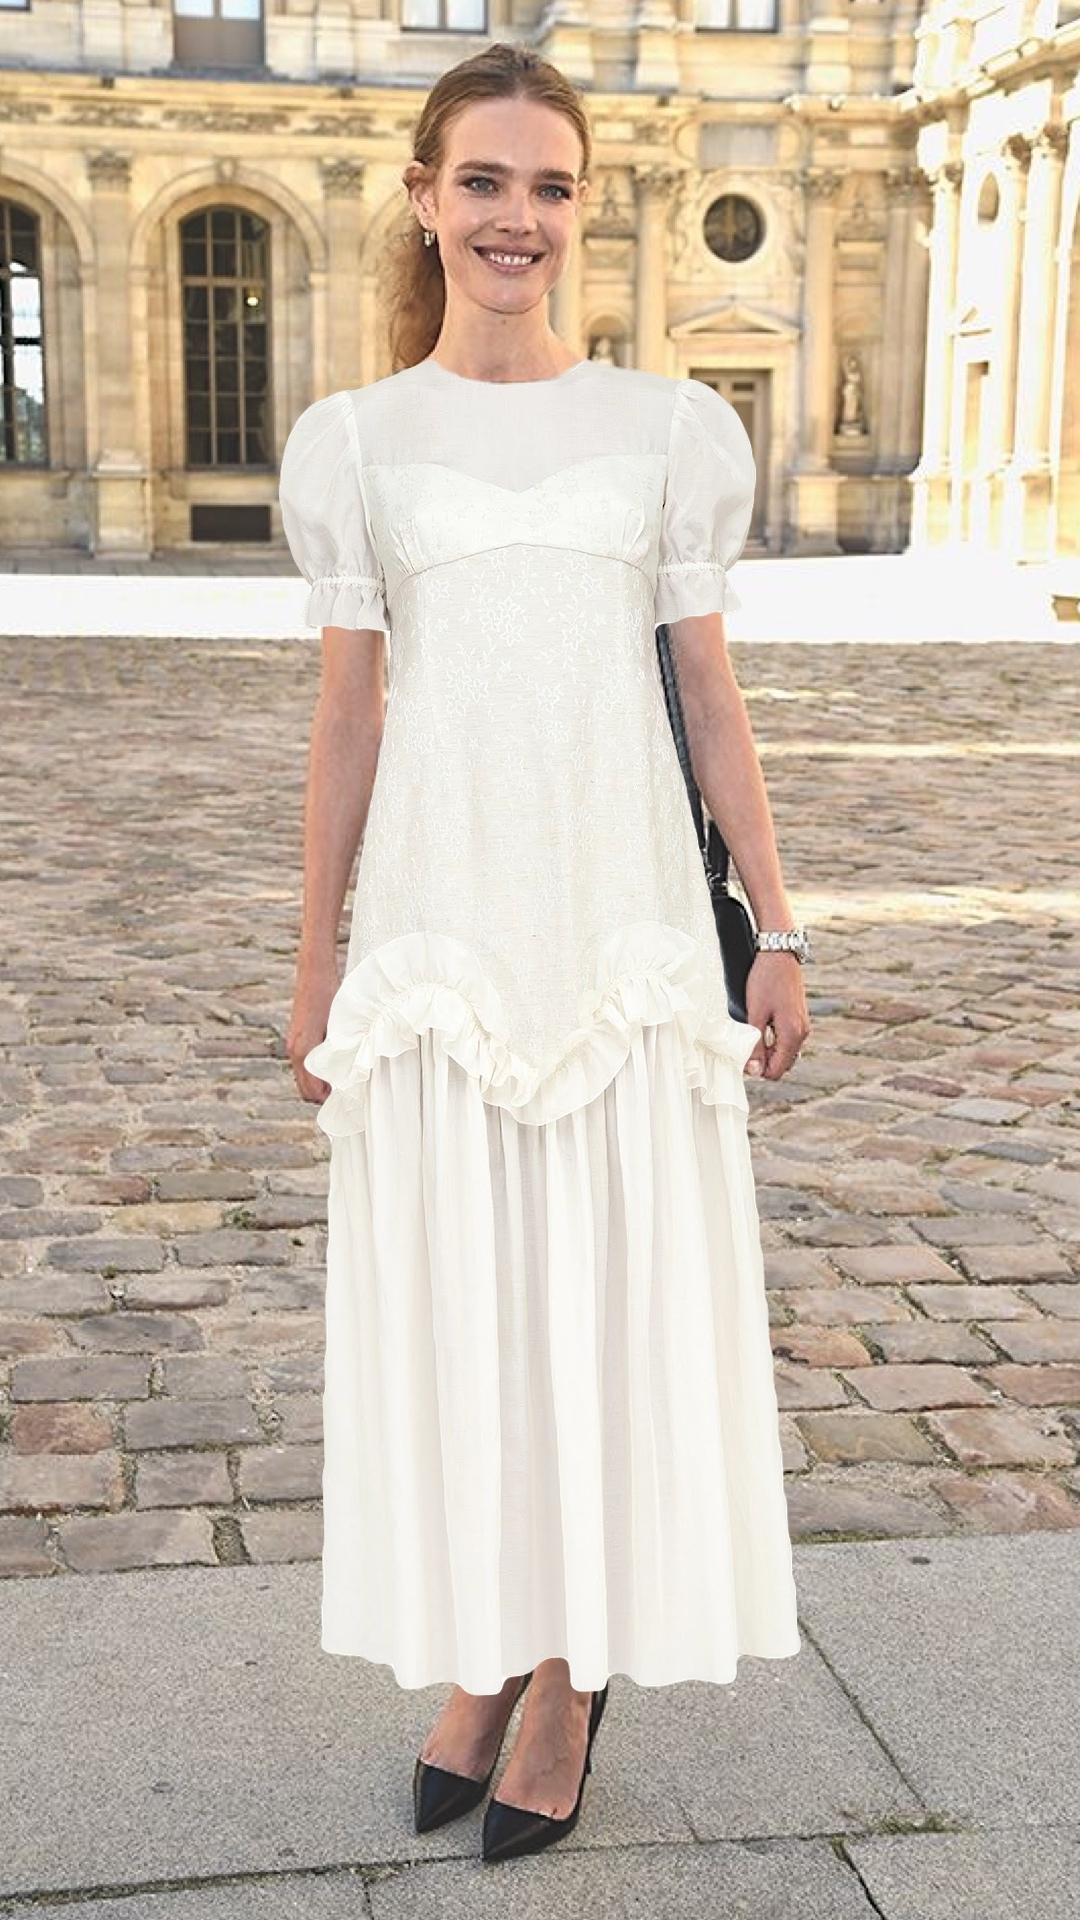 Звездный флешмоб: дизайнер Дарья Донец в шутку примерила свои наряды на мировых знаменитостях (ФОТО) - фото №4